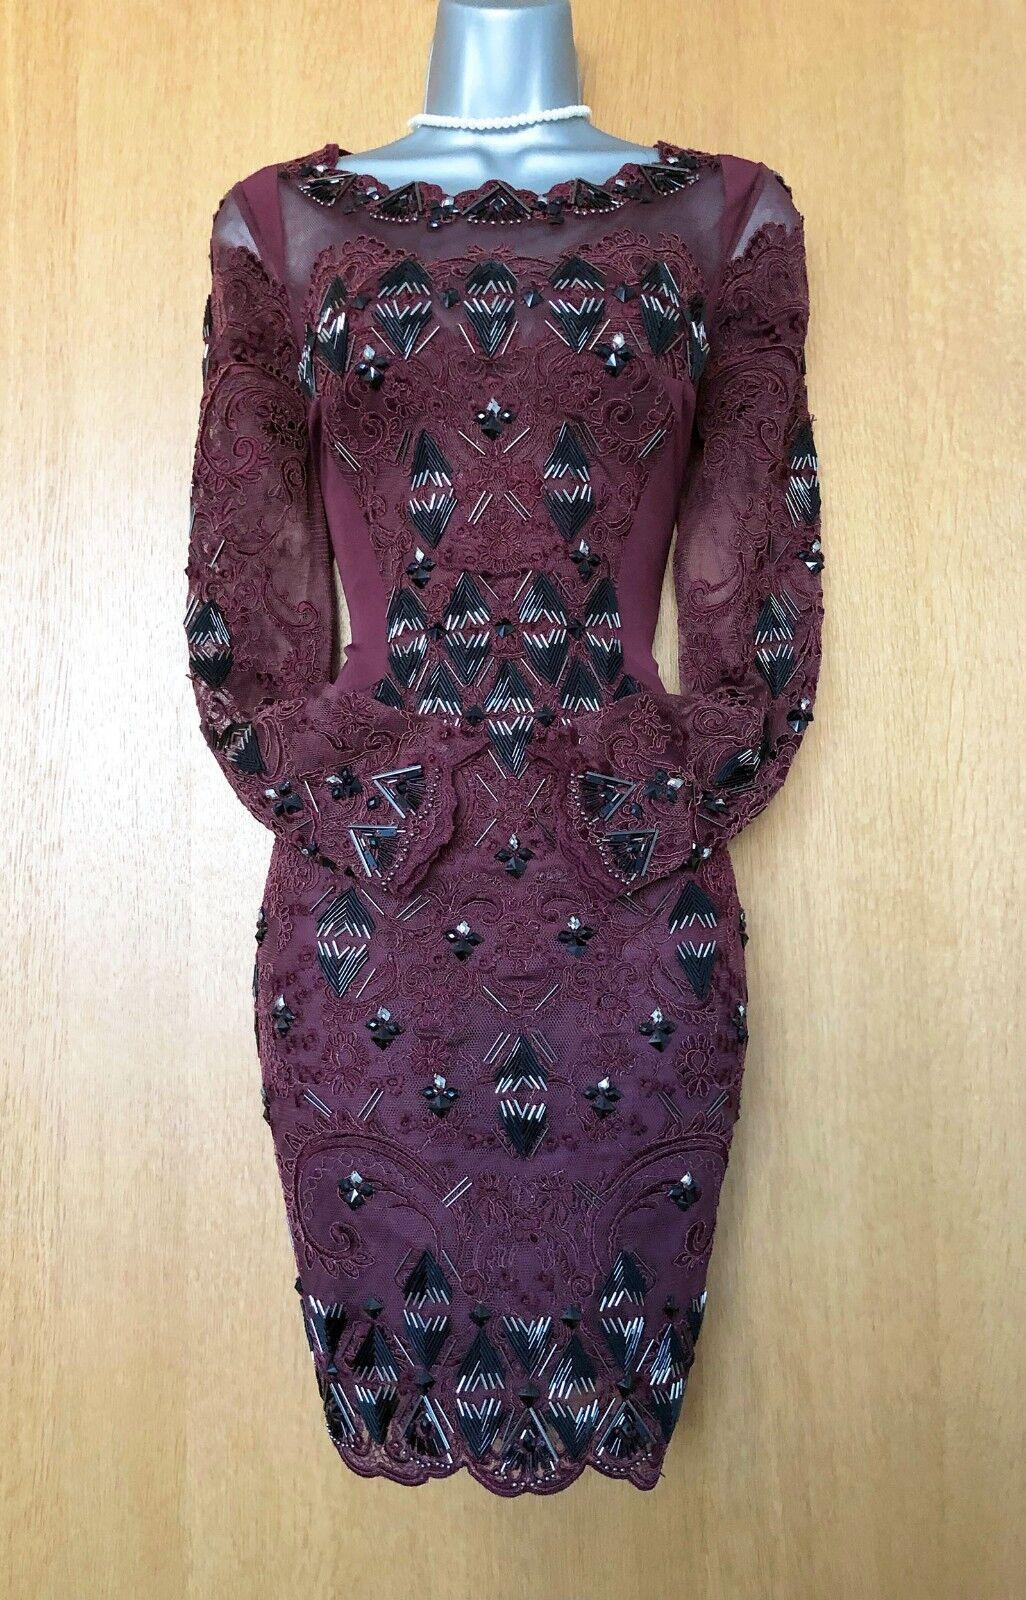 Karen Millen UK 10 Maroon Oriental Embroiderot Embellished Beaded Party Dress 38